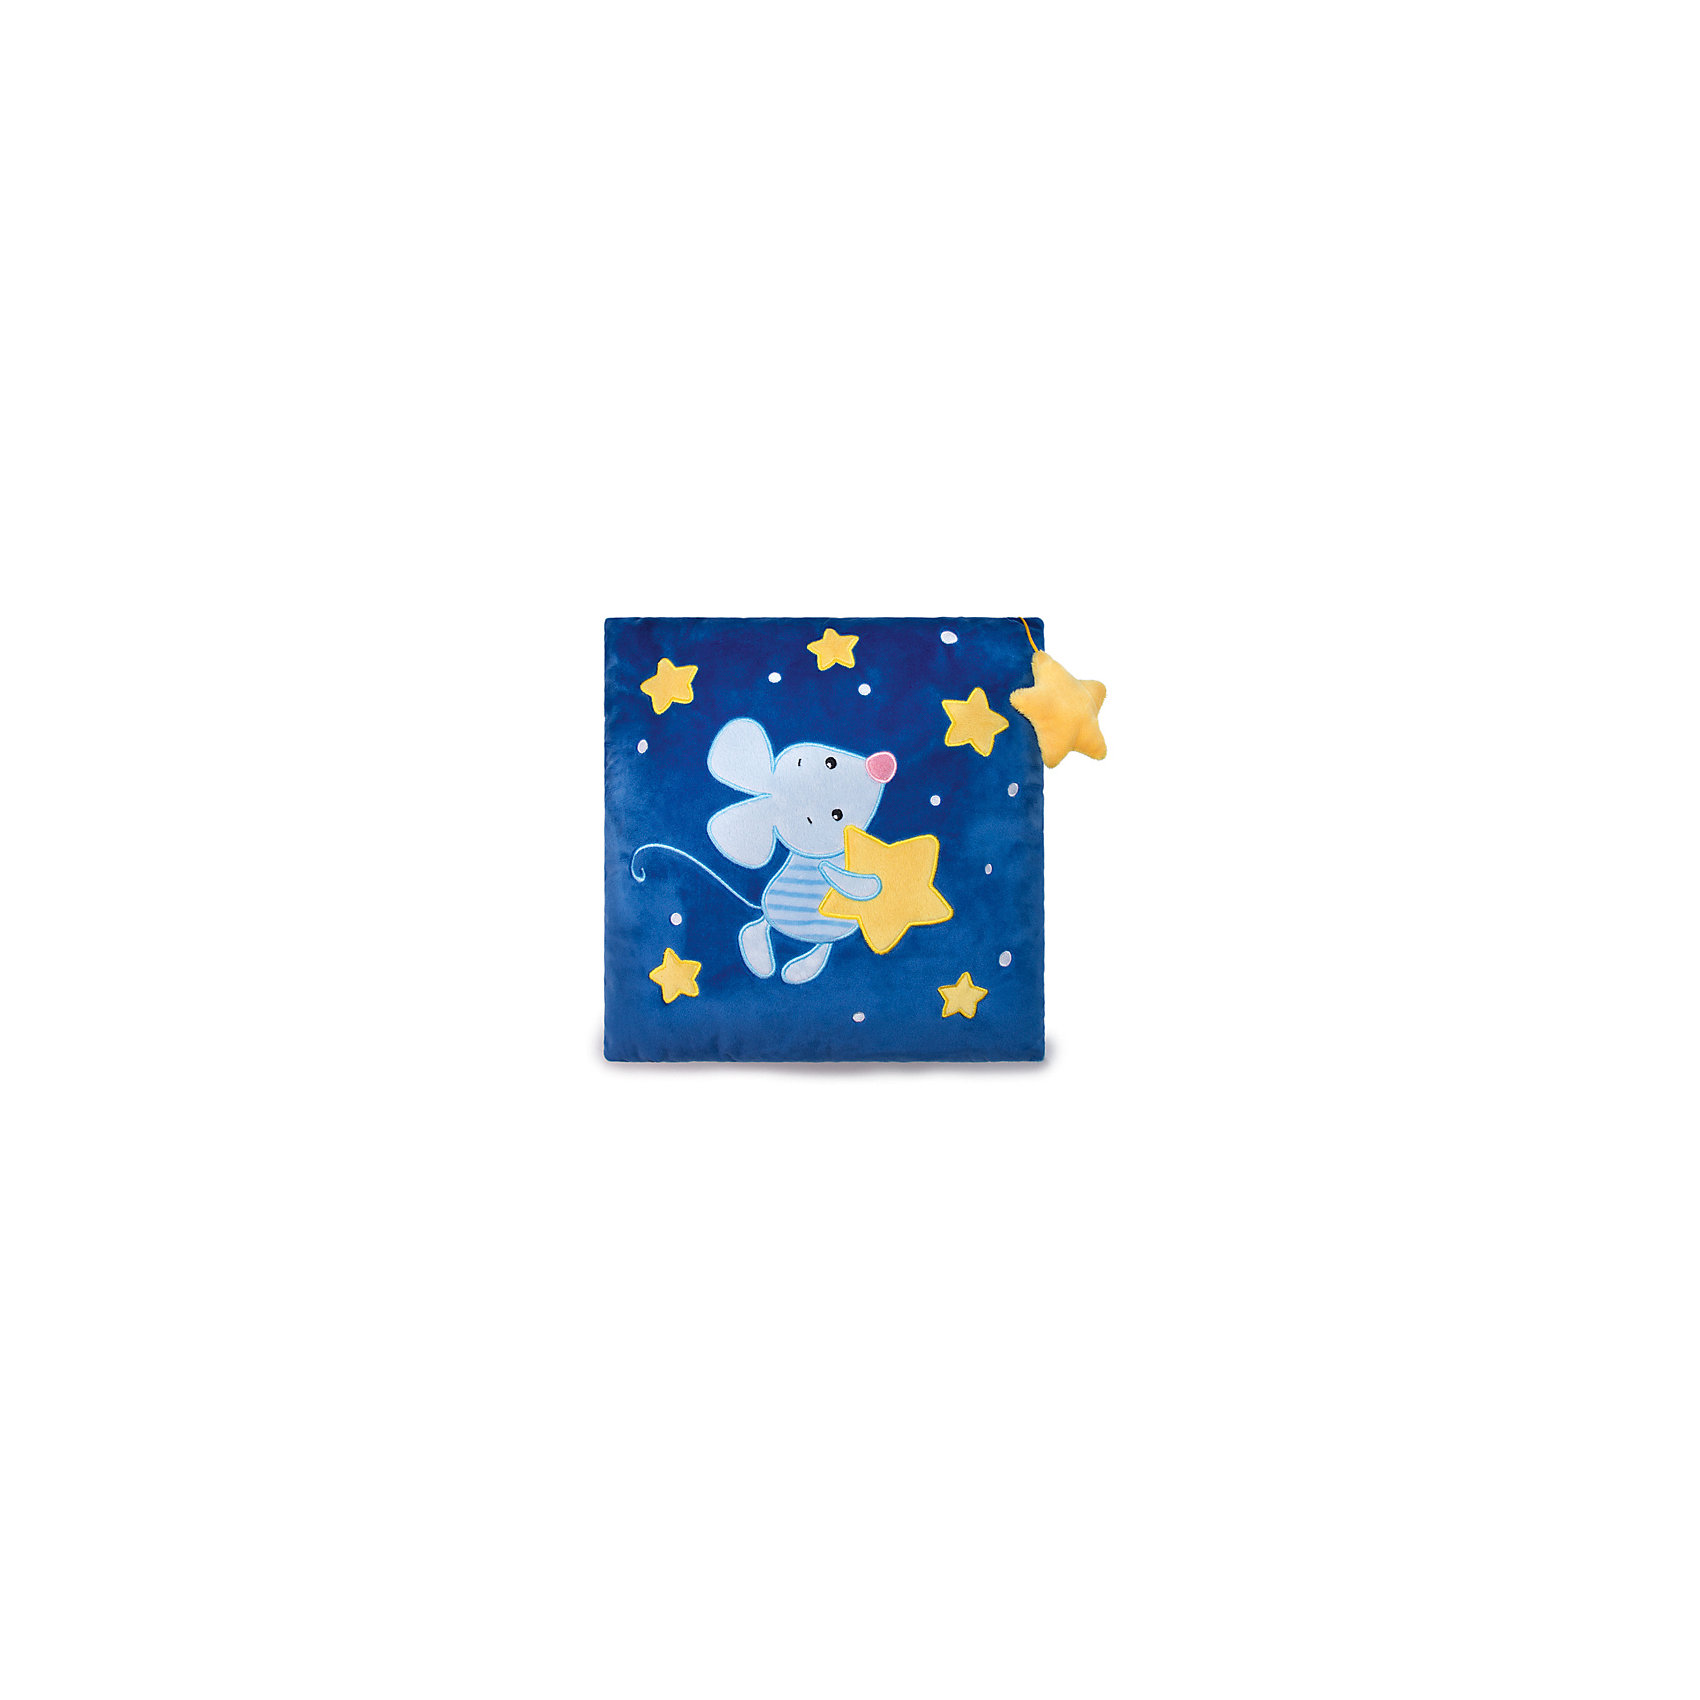 Декоративная подушка Budi Basa Крыса Люка со звёздочкой, 30 см по цене 349